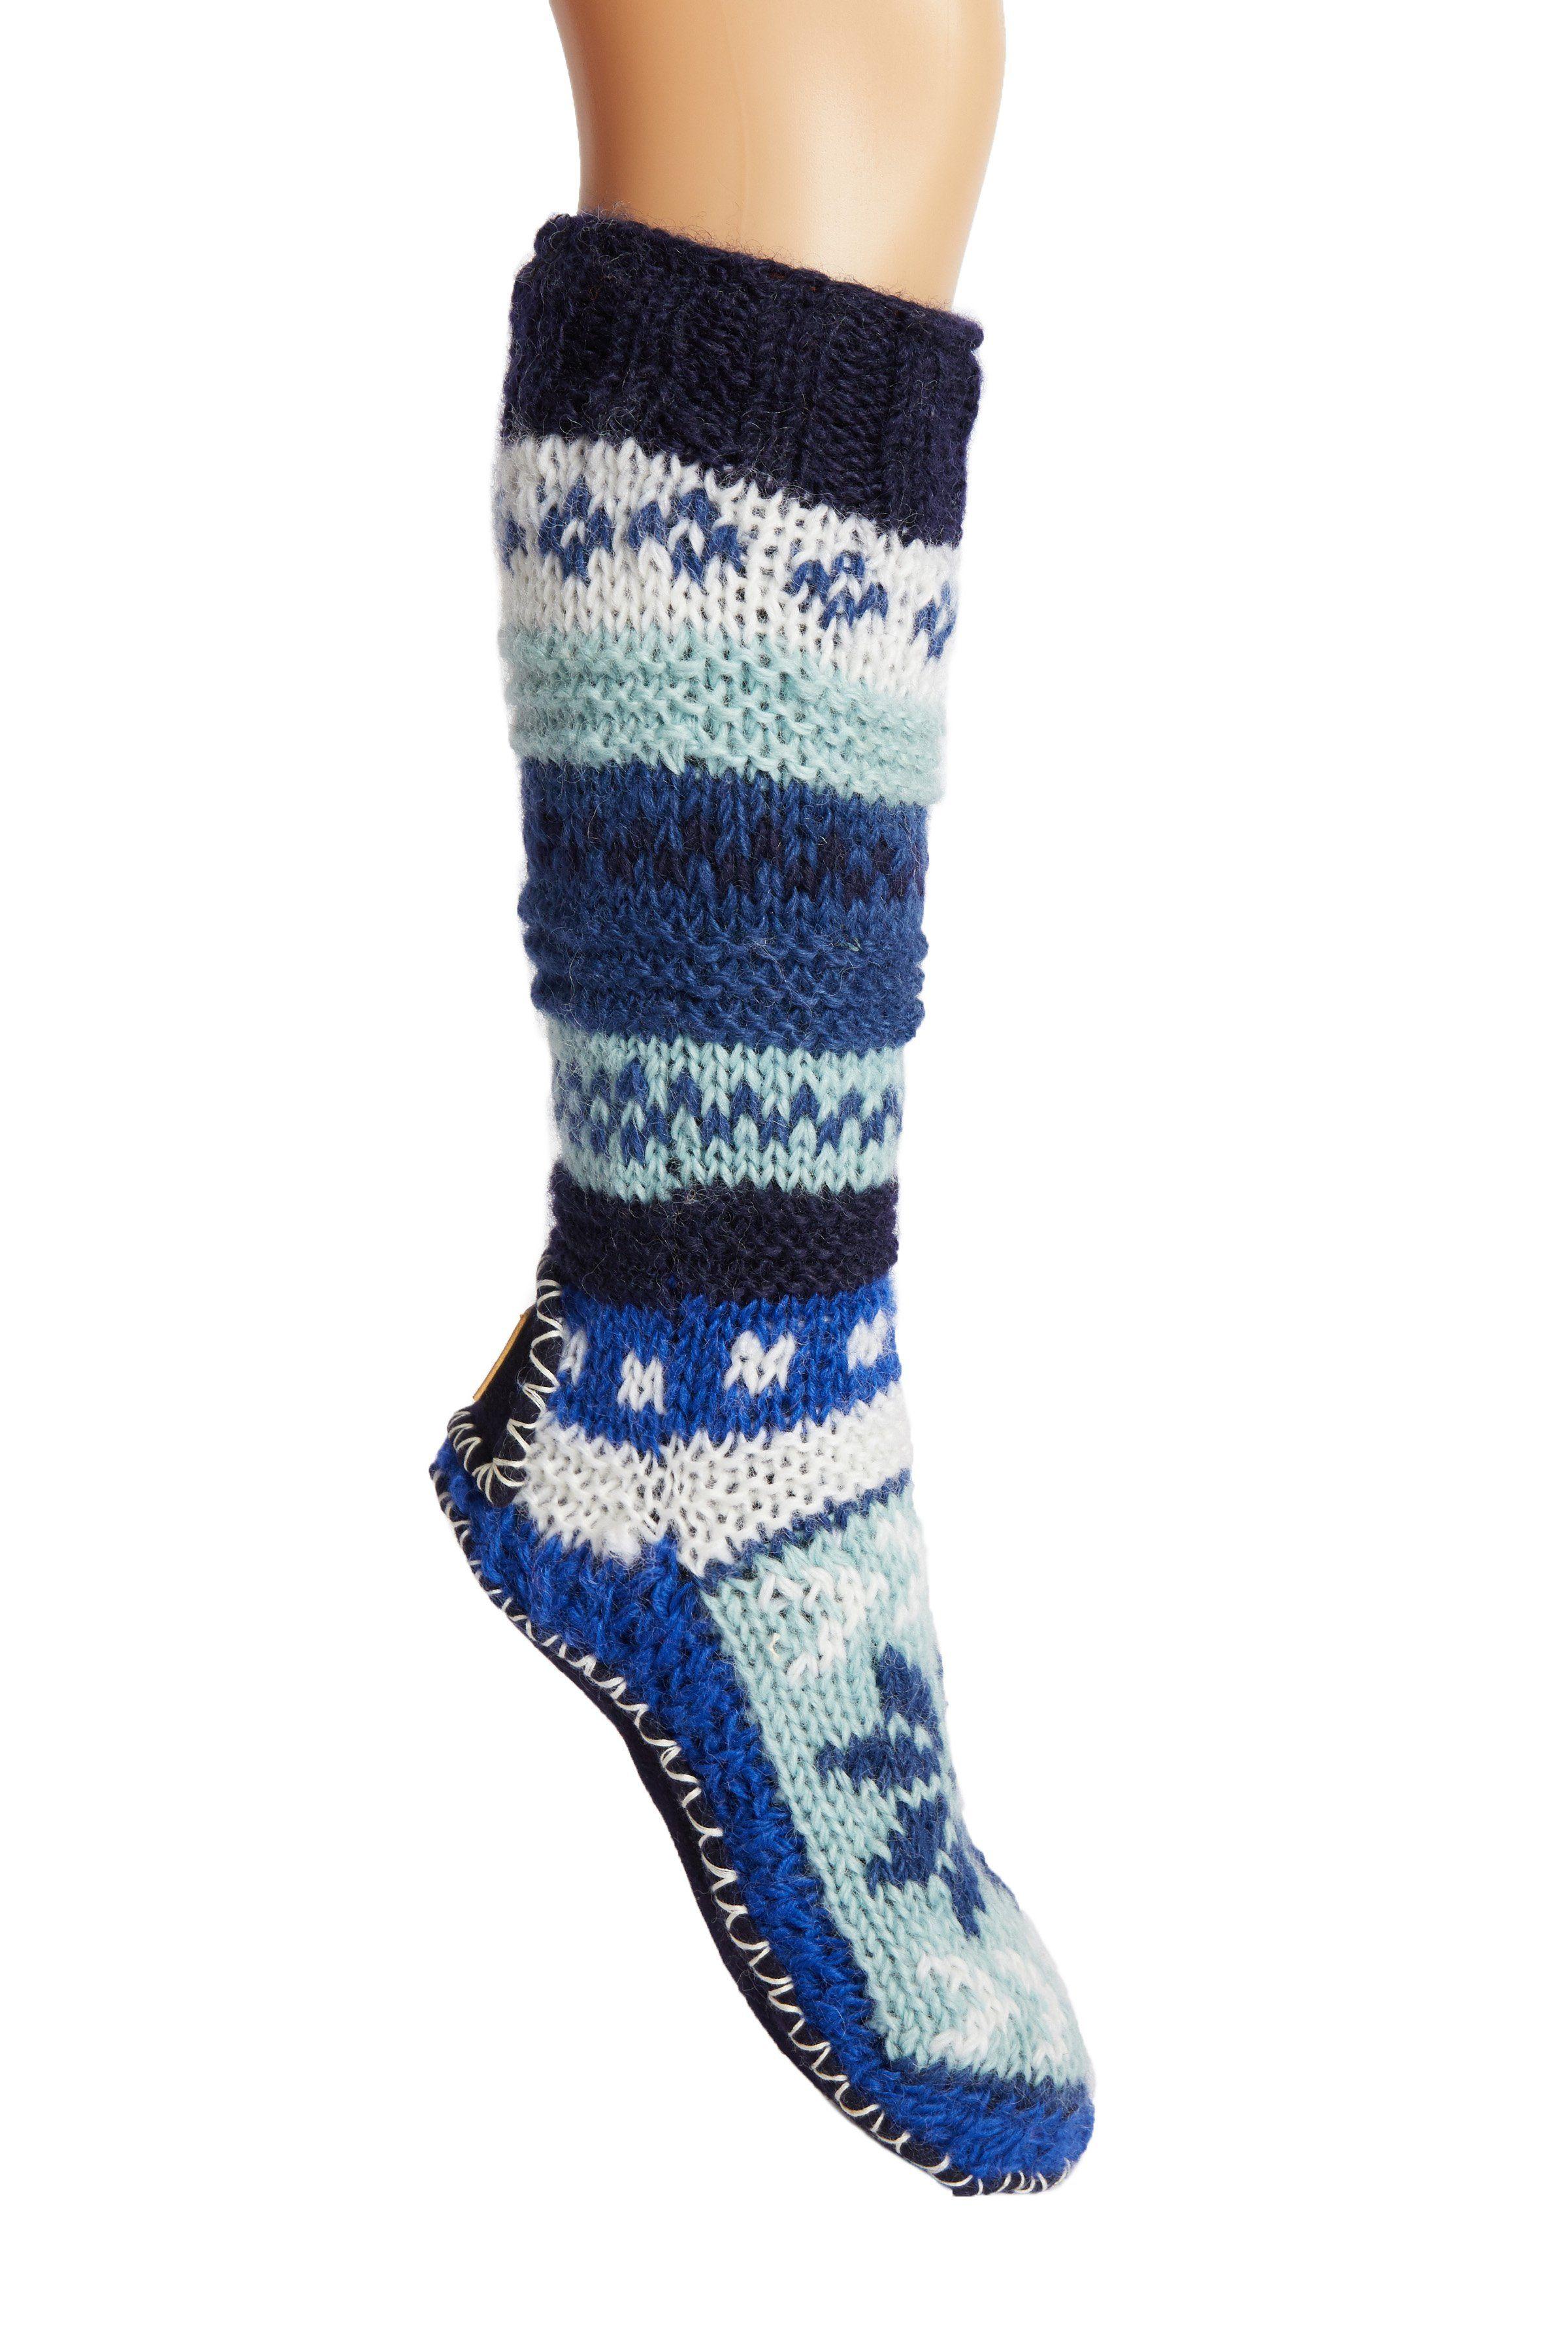 Tibetan Socks Hand Knit Wool Fleece Lined Long Slipper Socks Blue XS